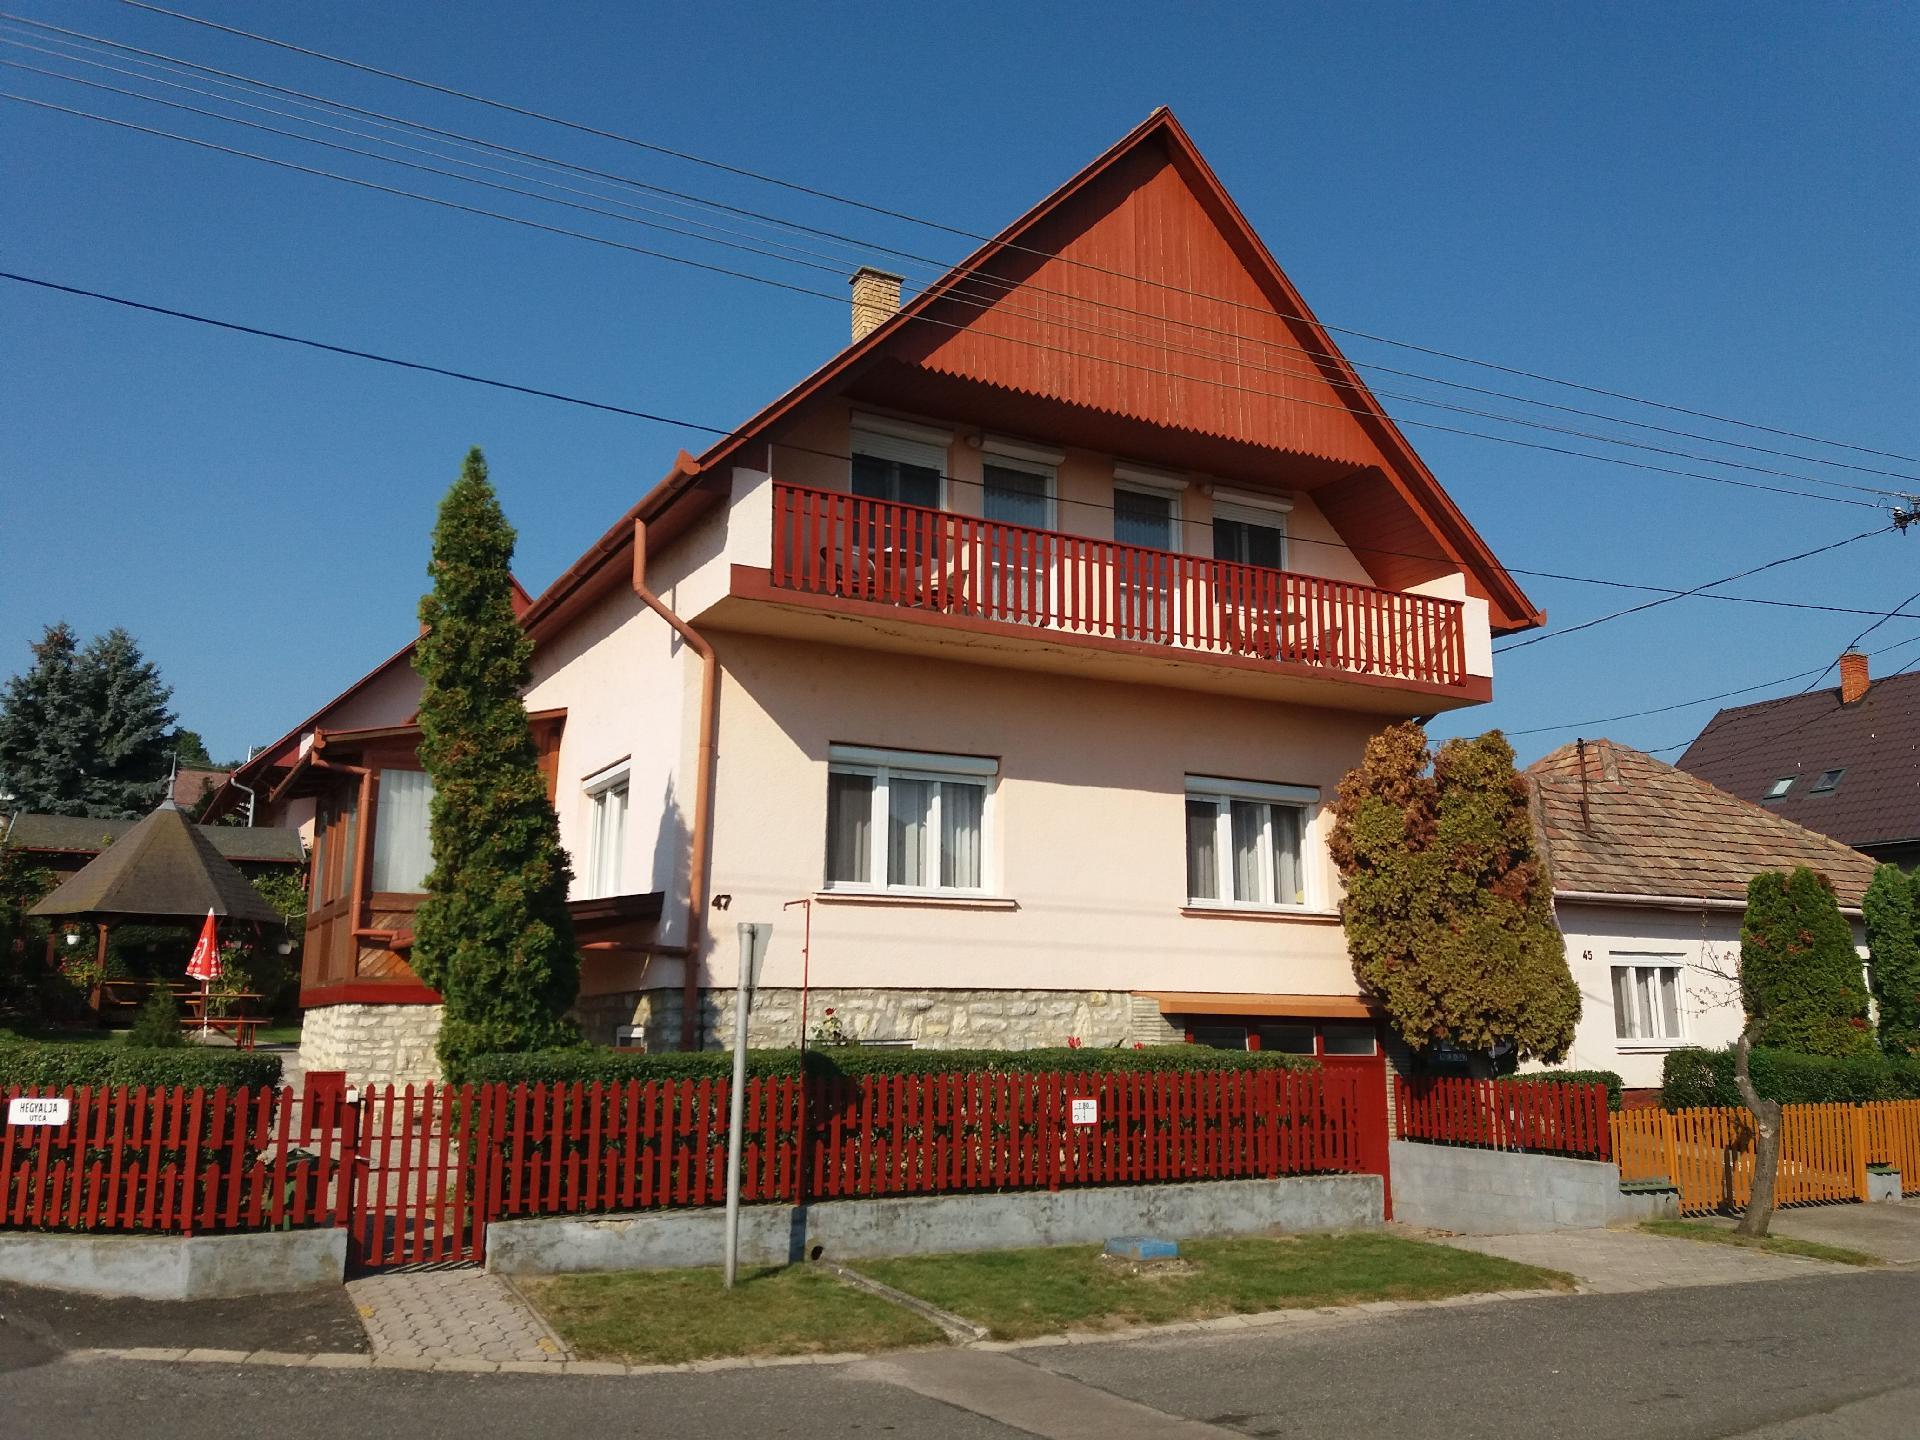 Ferienwohnung für 6 Personen ca. 105 m²   in Ungarn